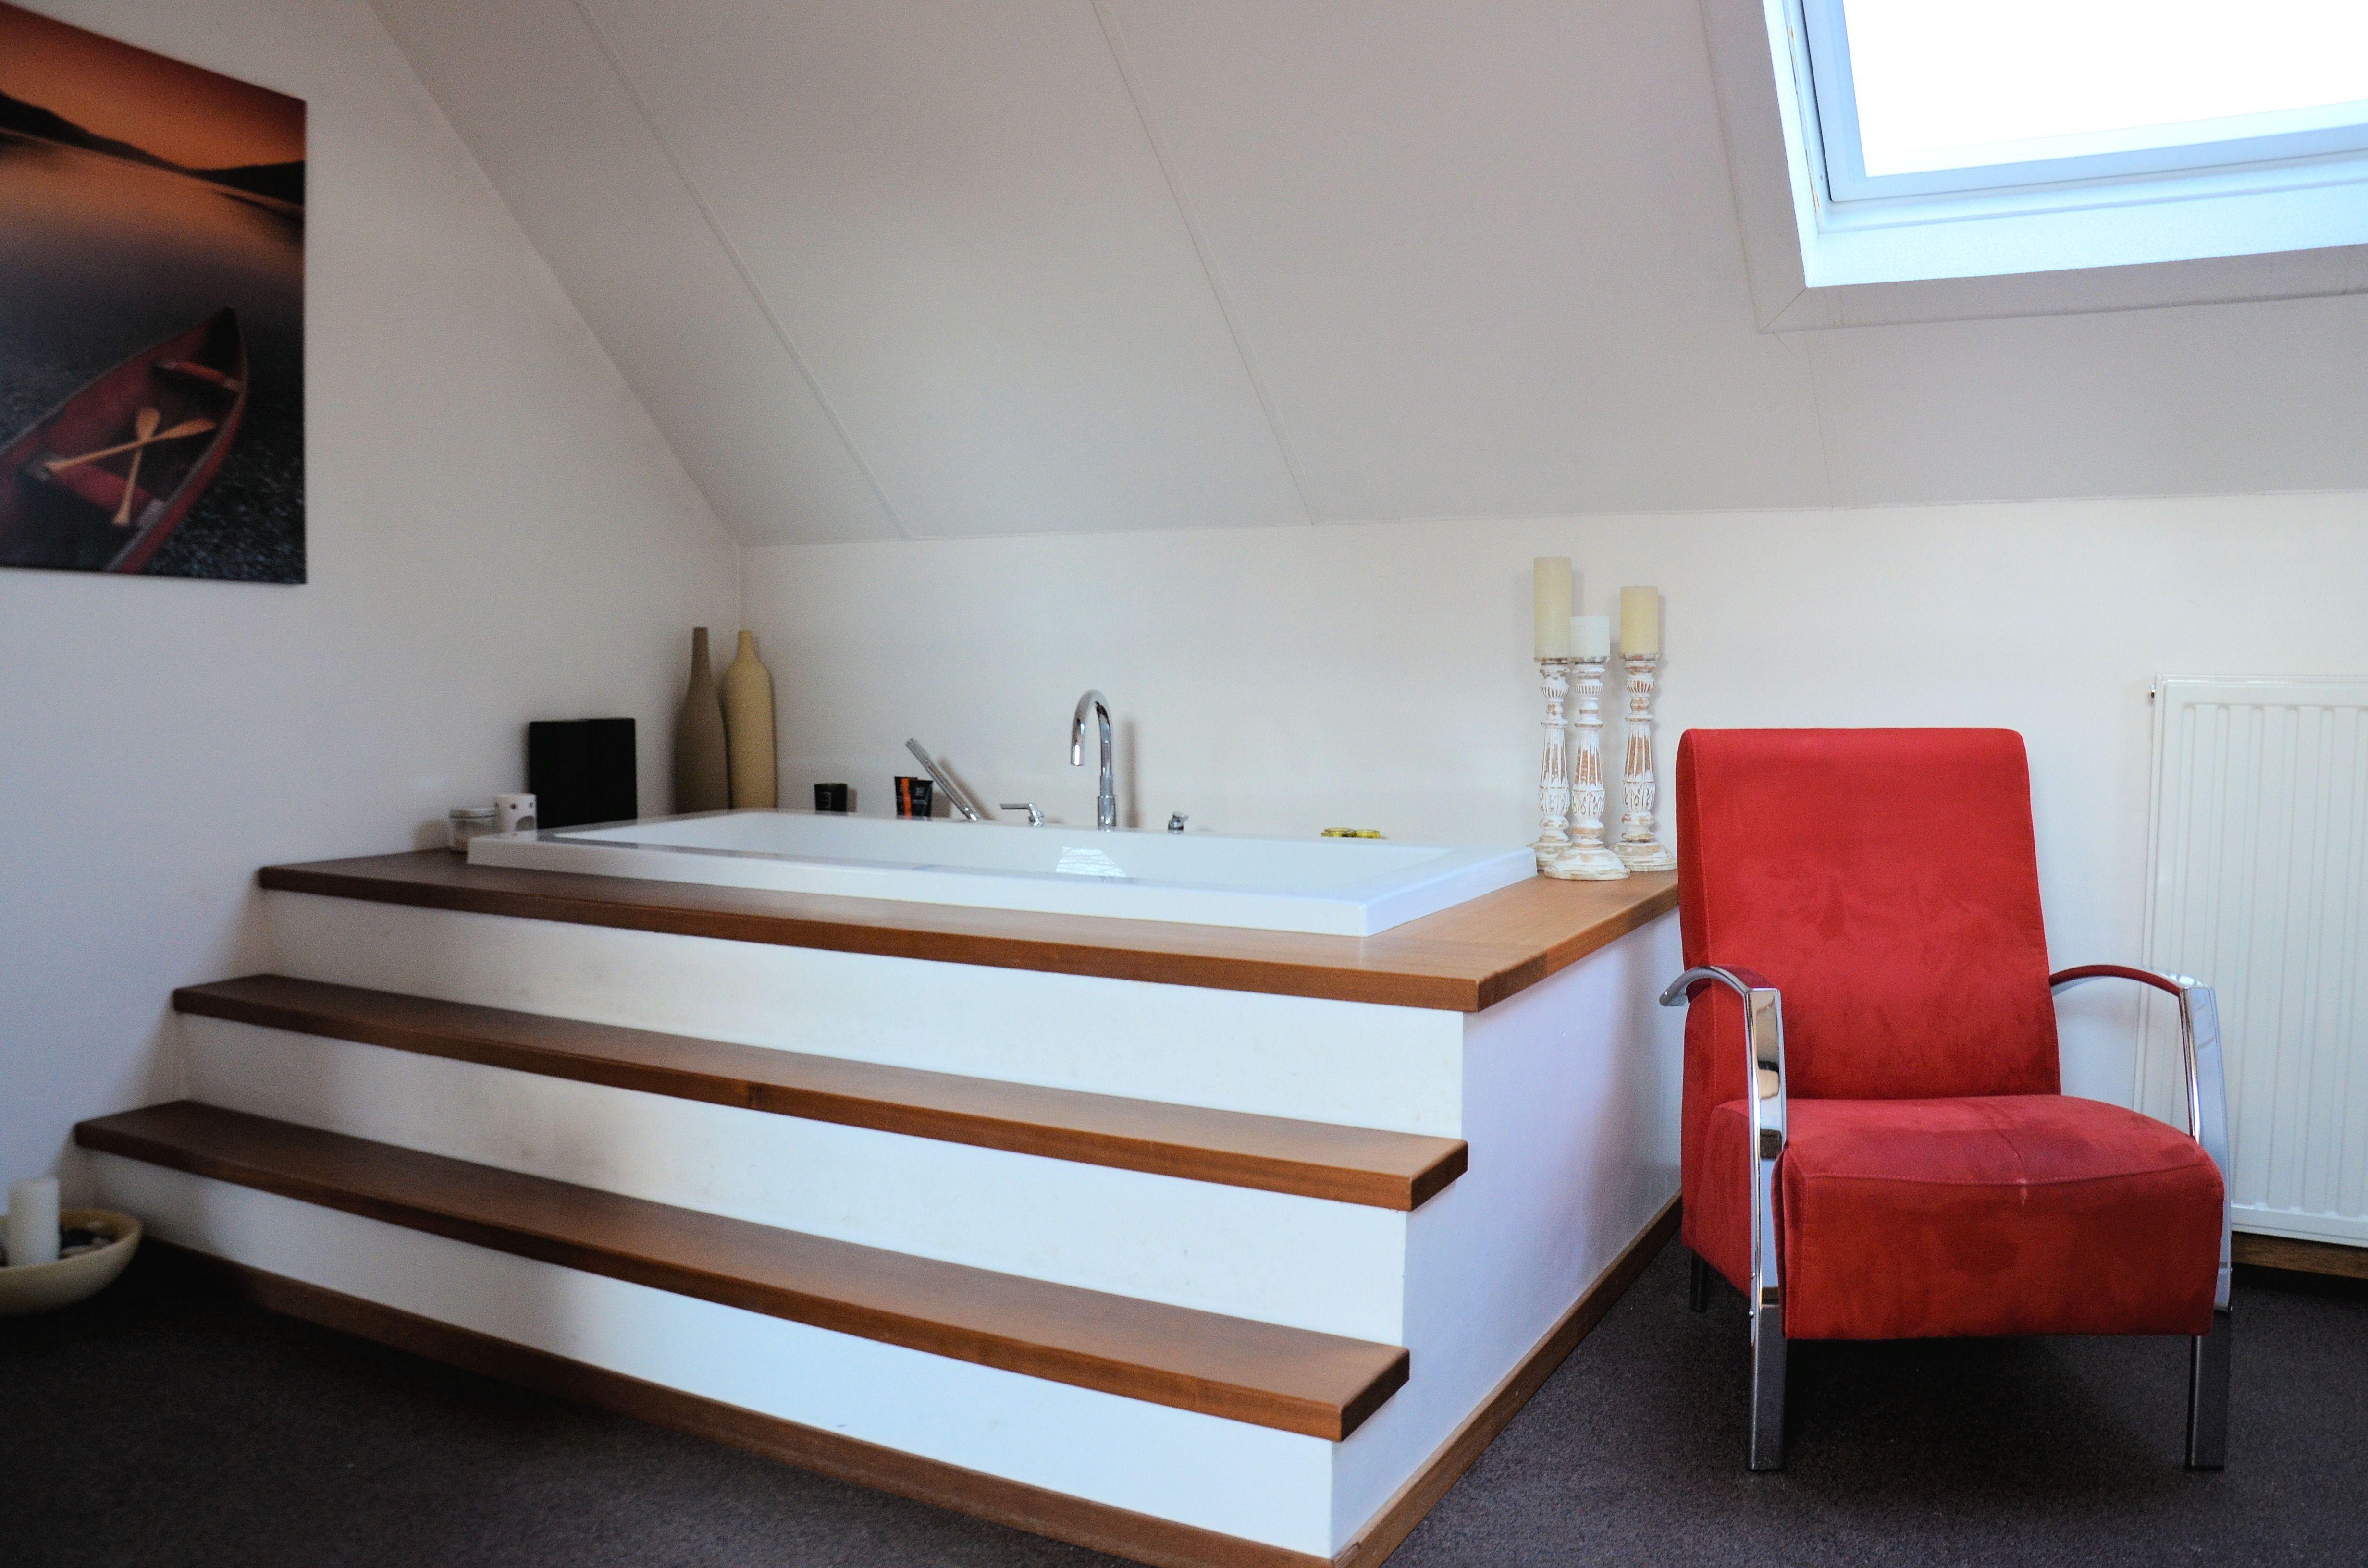 Badkamer Design Limburg : Badkamer luxe ruim genieten bad rustgevend modern